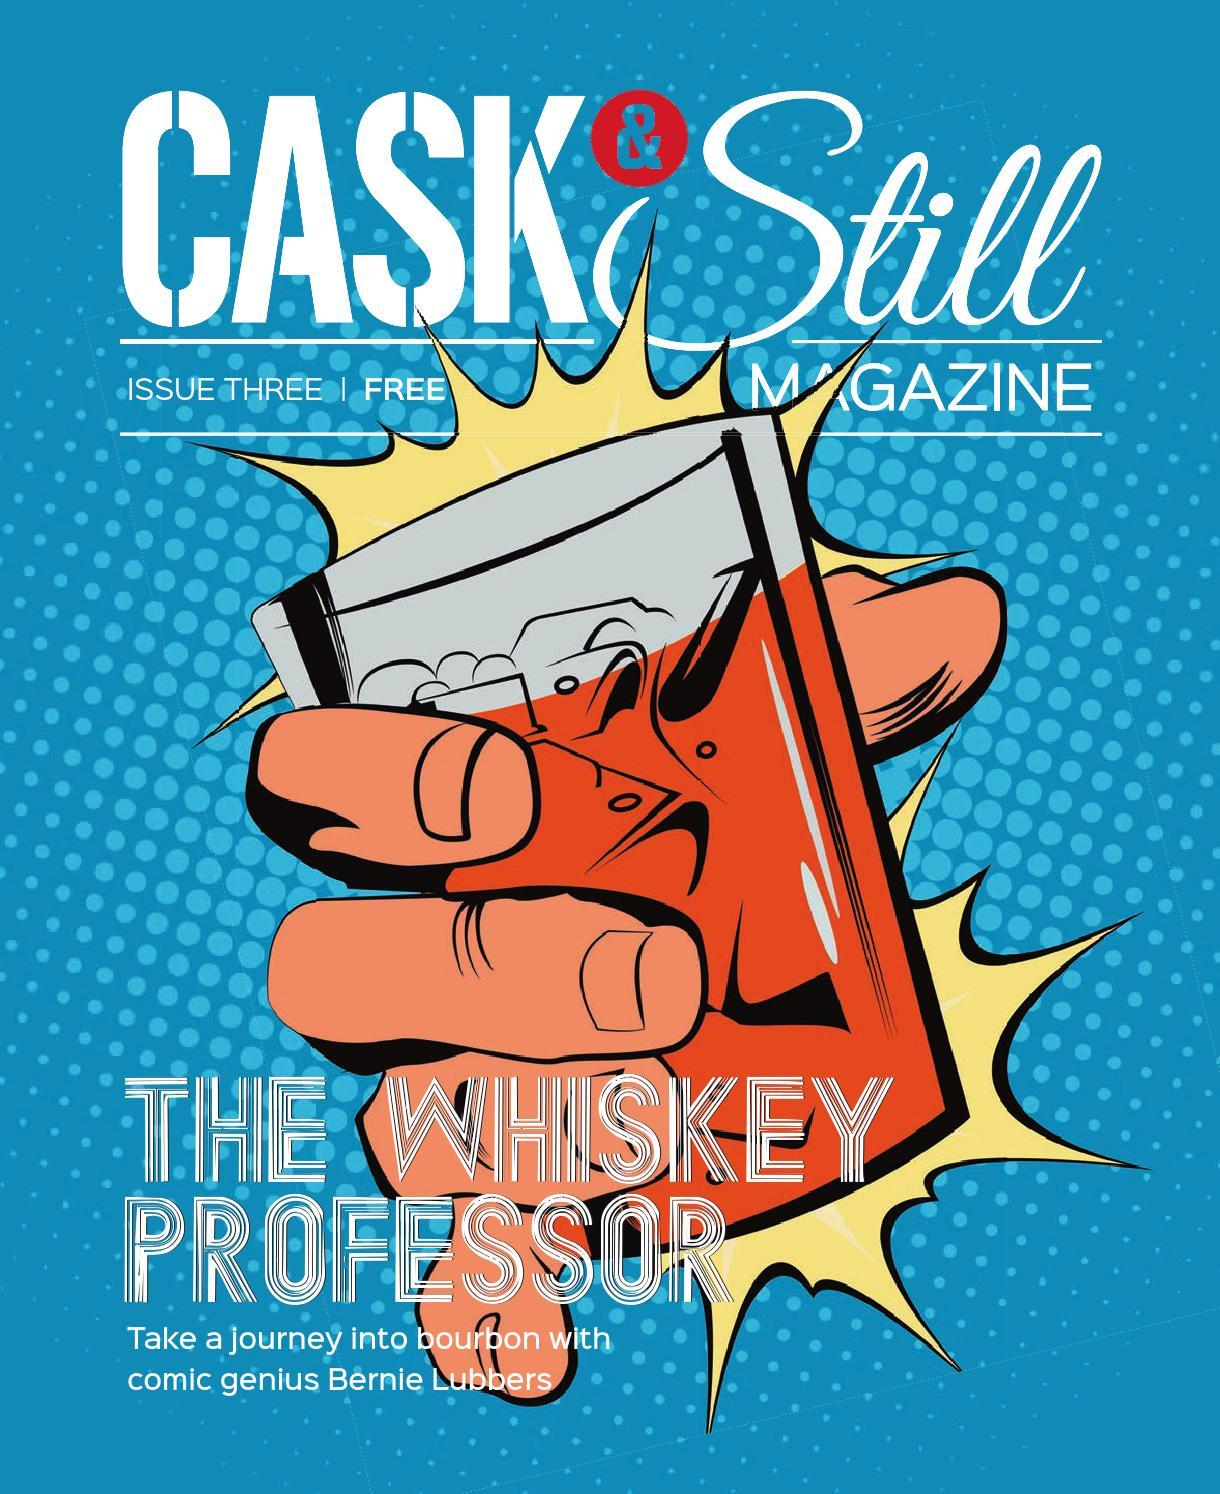 Cask & Still Issue Three